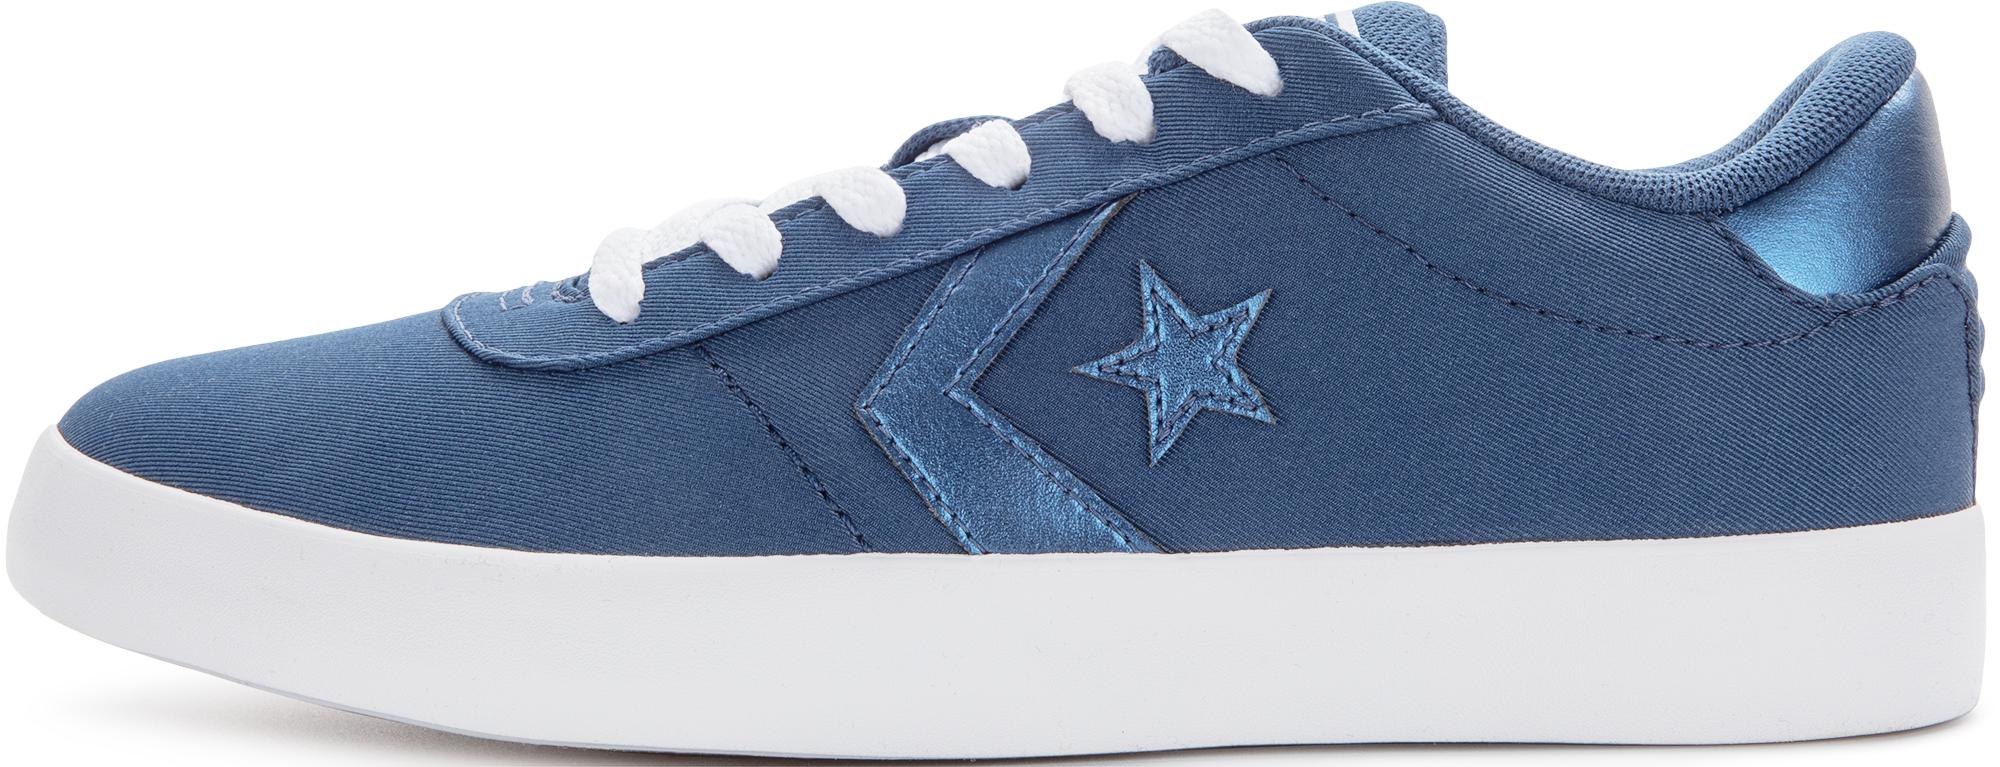 Converse Кеды женские Converse Point Star, размер 39